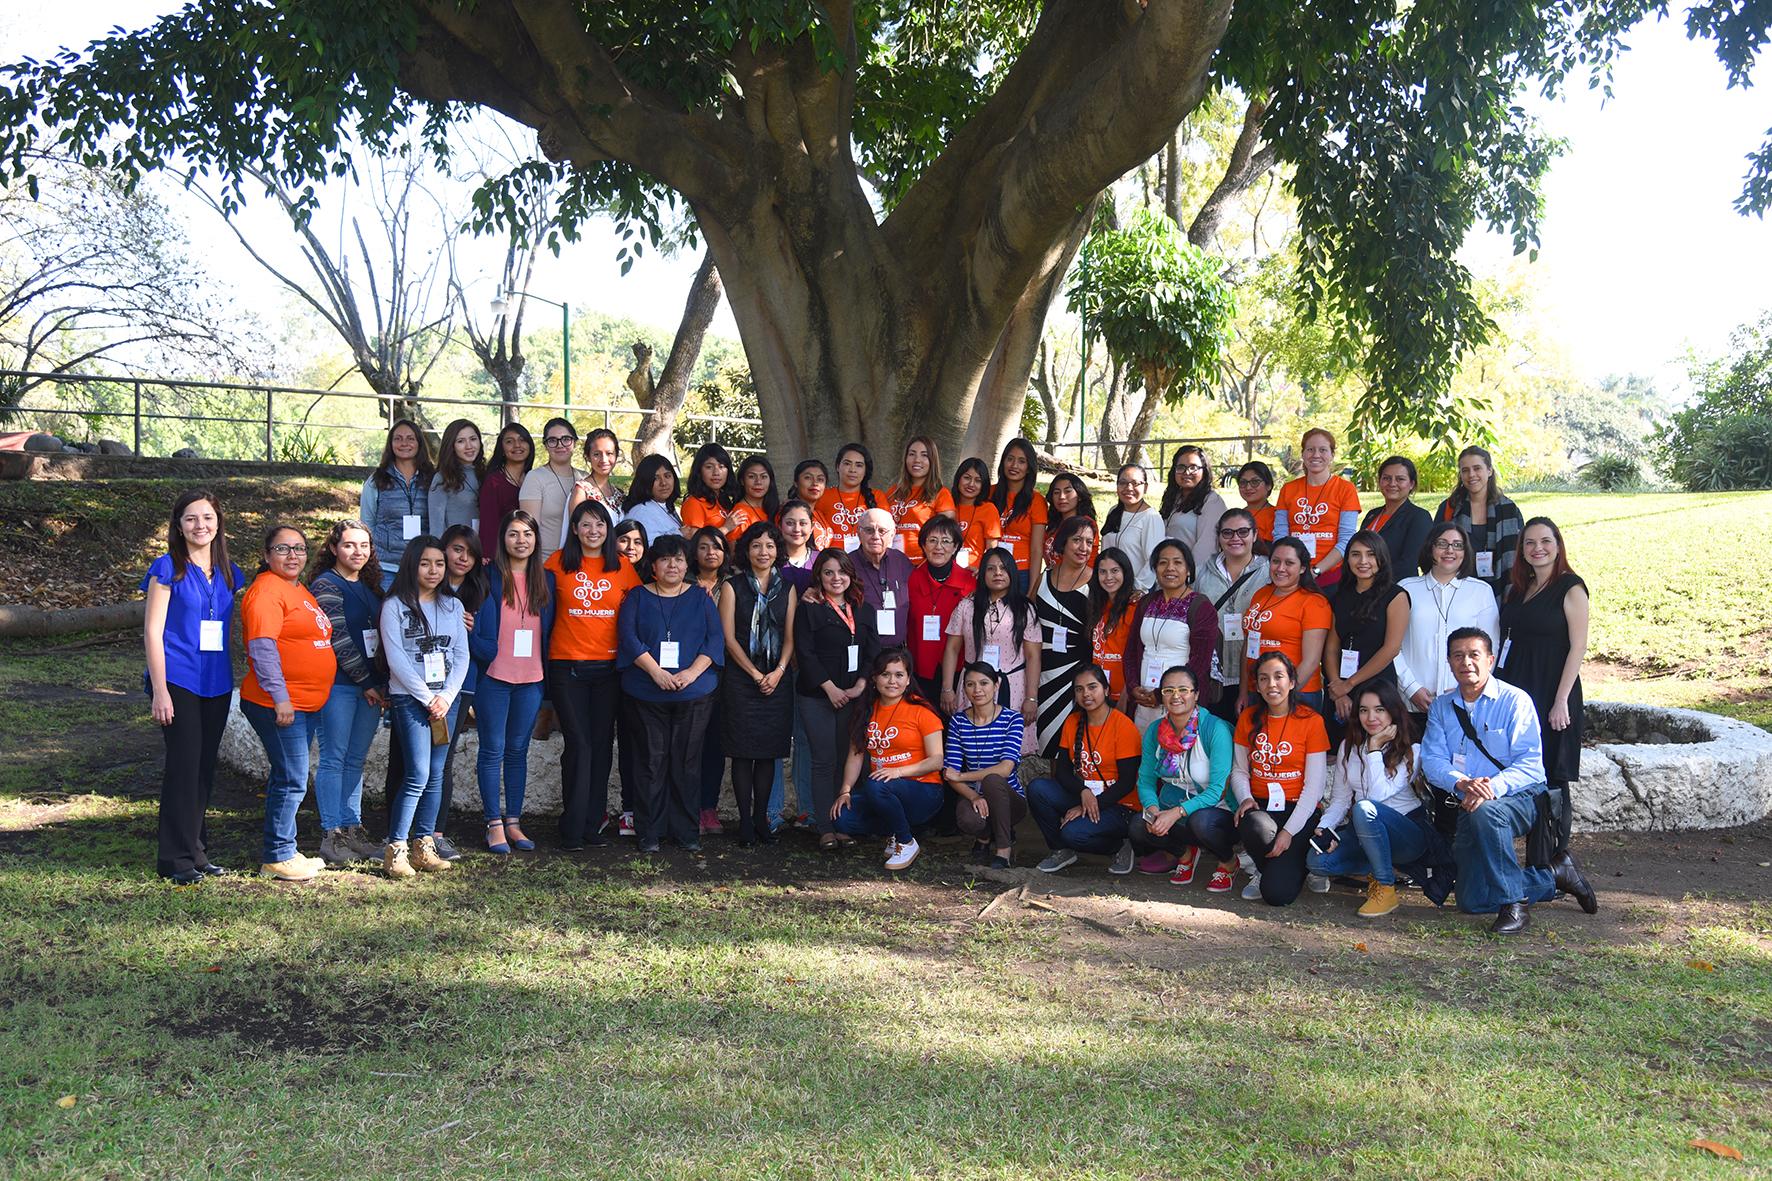 El INEEL fue sede de la 2ª Jornada REDMEREE, con integrantes de la red, en su mayoría estudiantes de ingeniería del estado de Hidalgo, Chiapas, Oaxaca, Ciudad de México, Morelos entre otros.